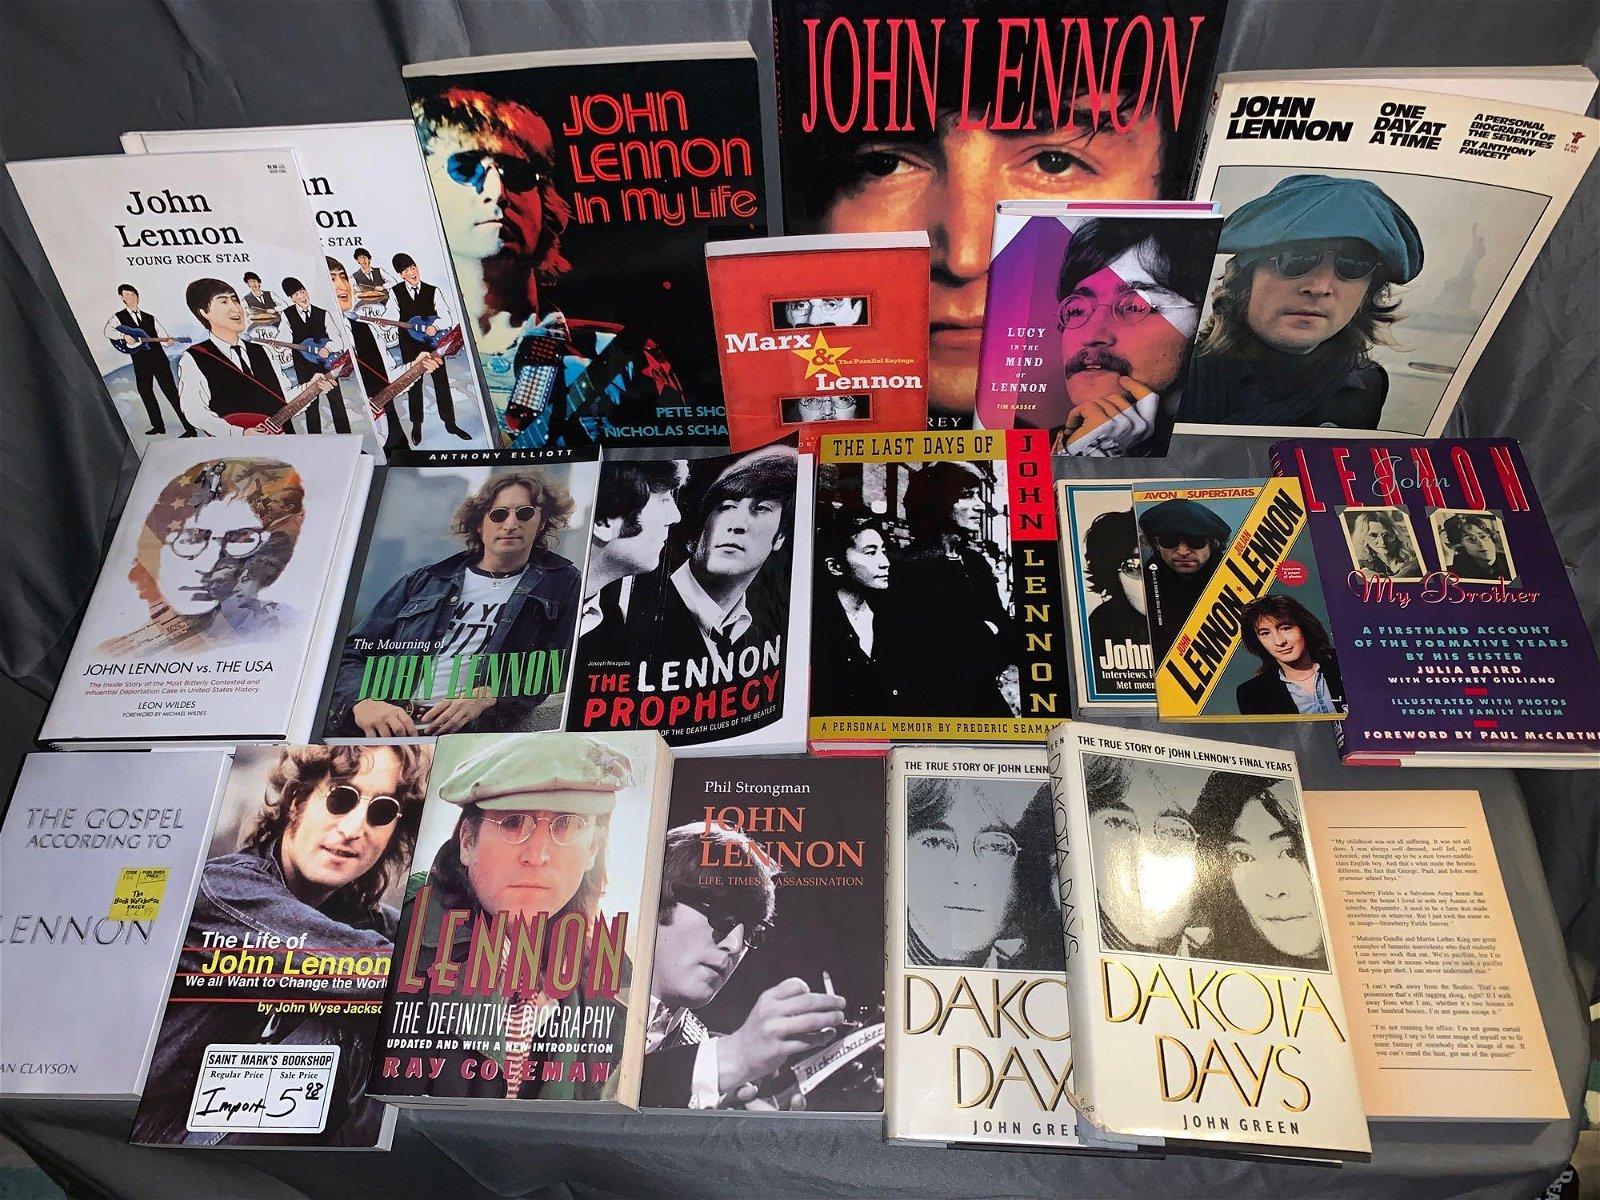 21 John Lennon-related Books